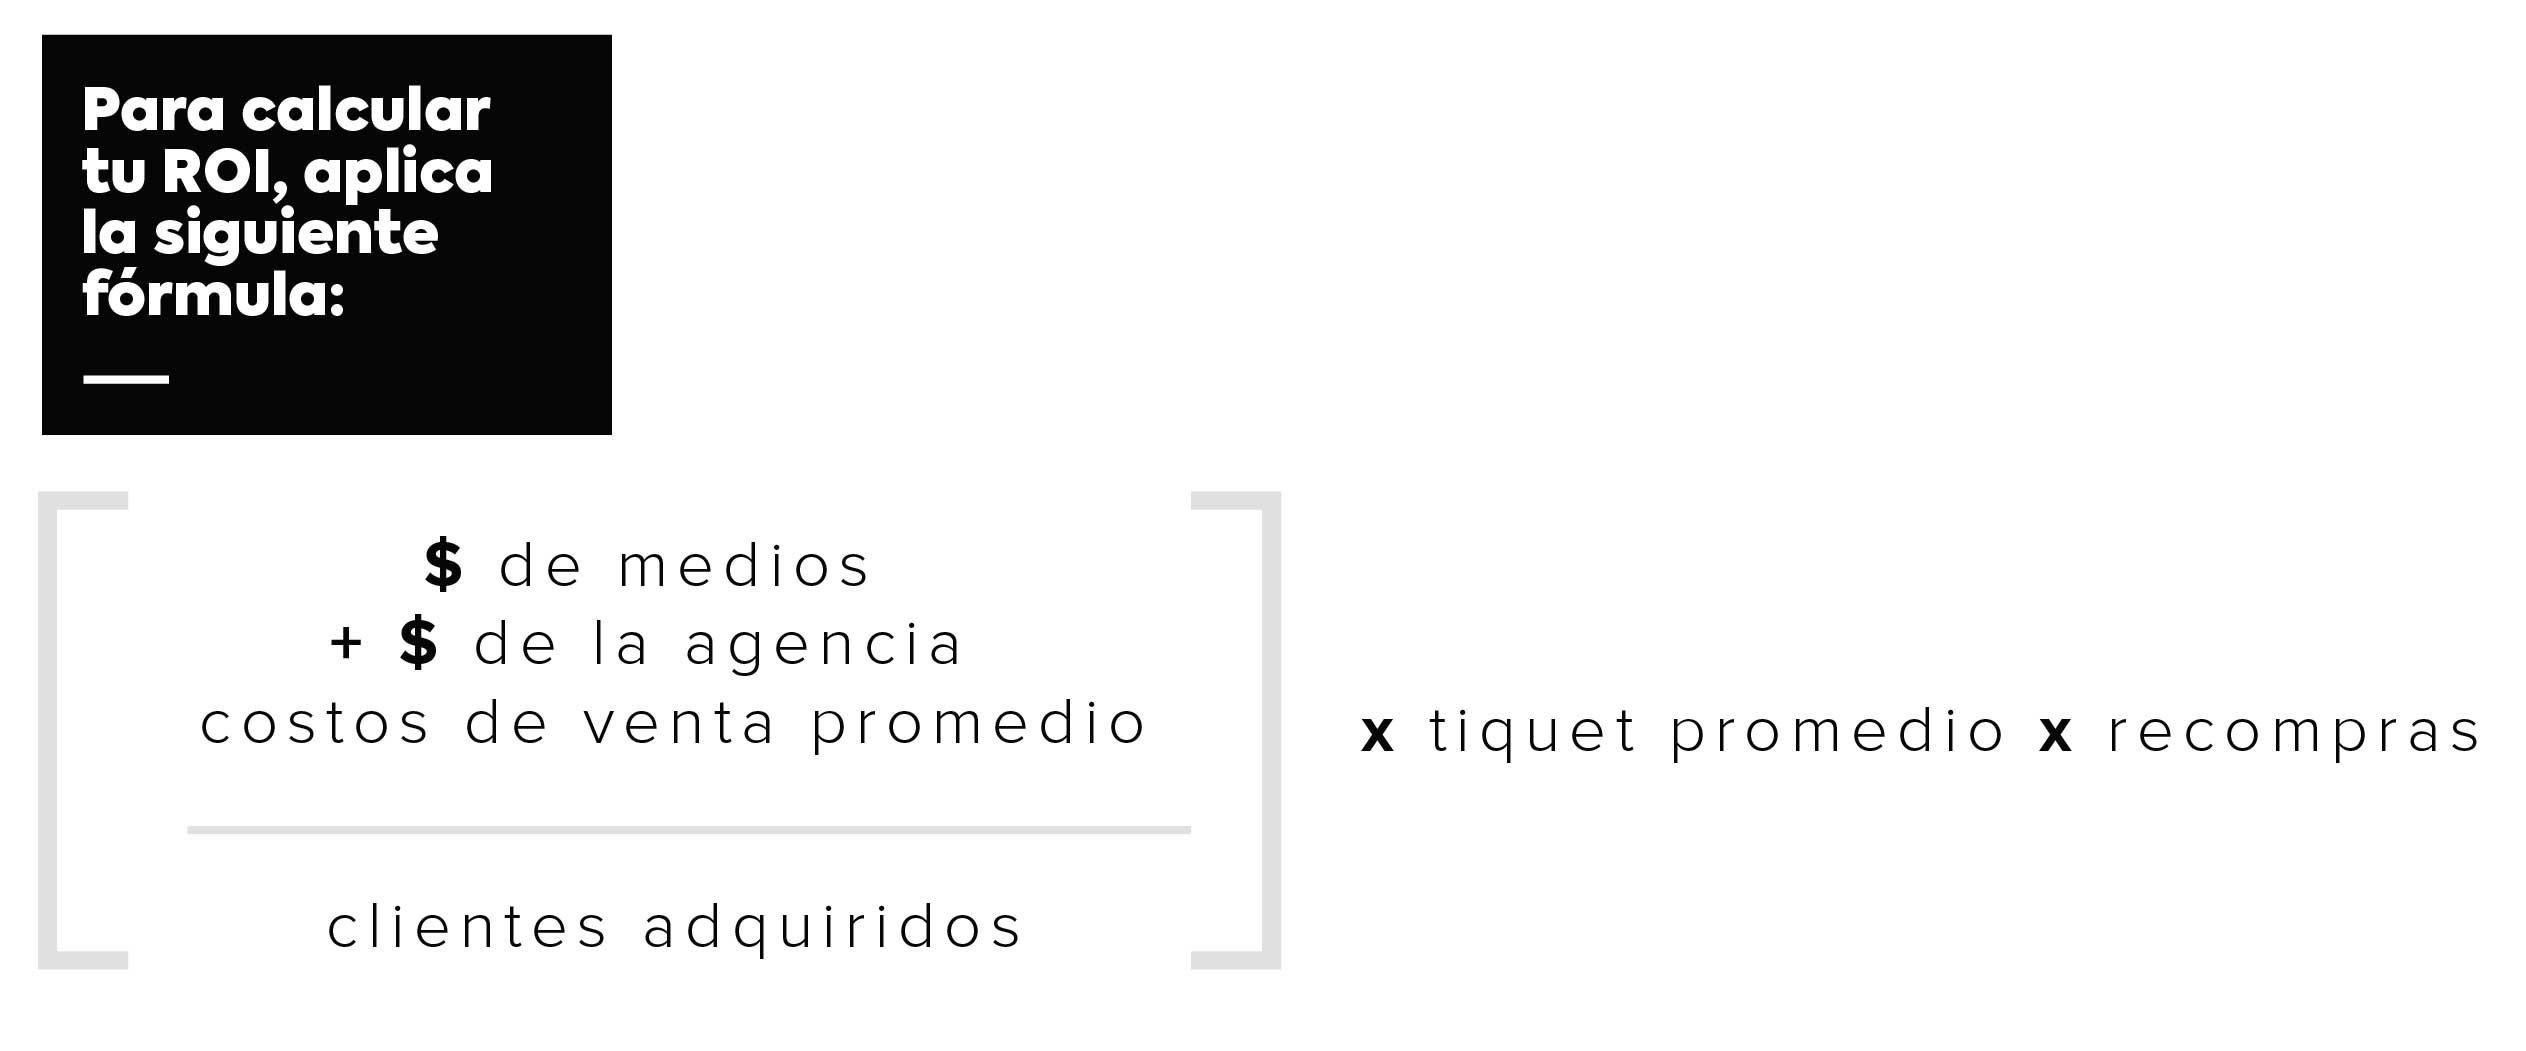 RECURSOS BLOGPOST 2-04